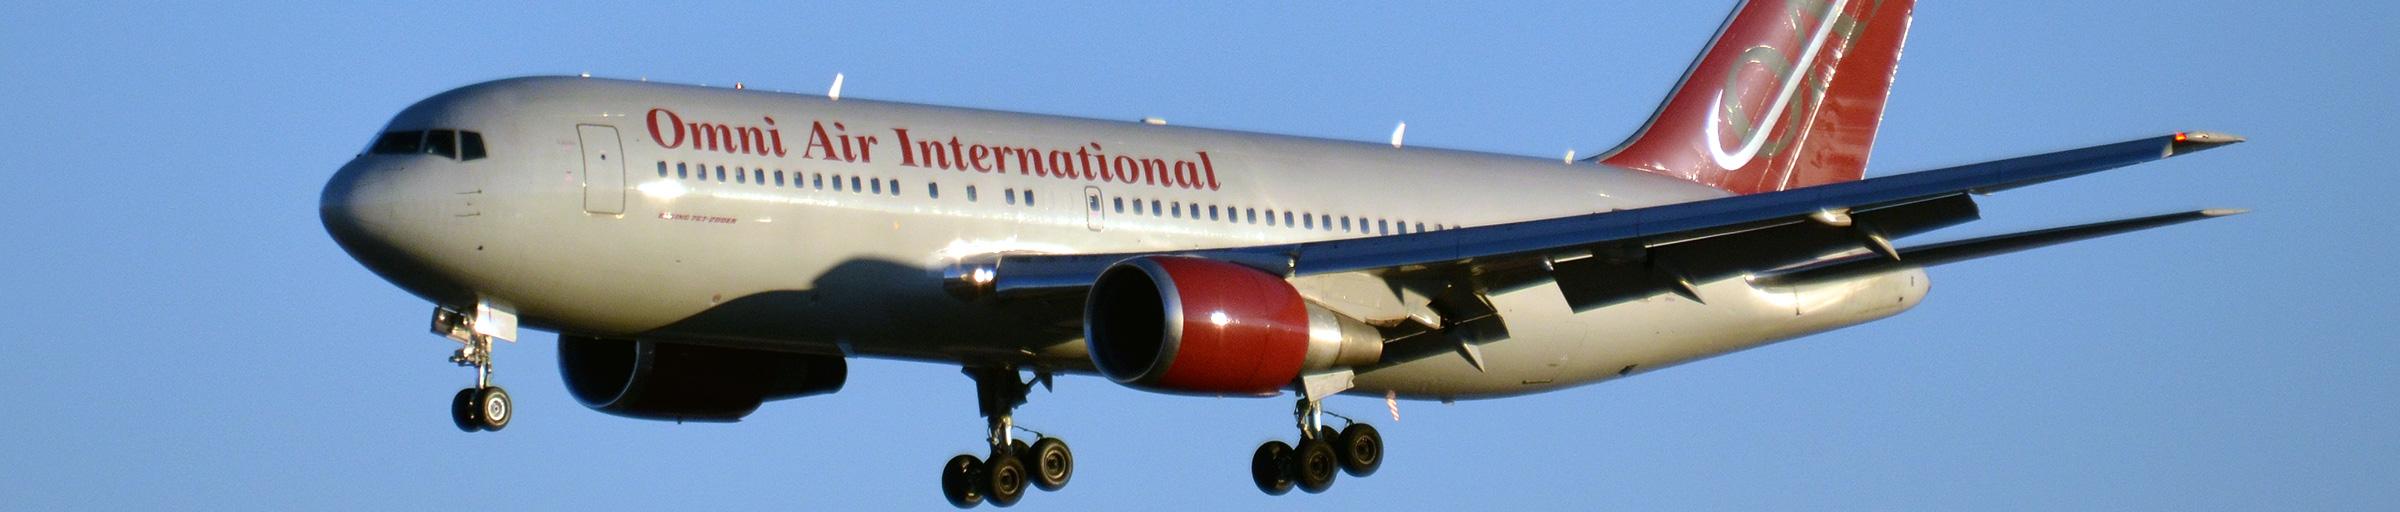 Omni Airlines